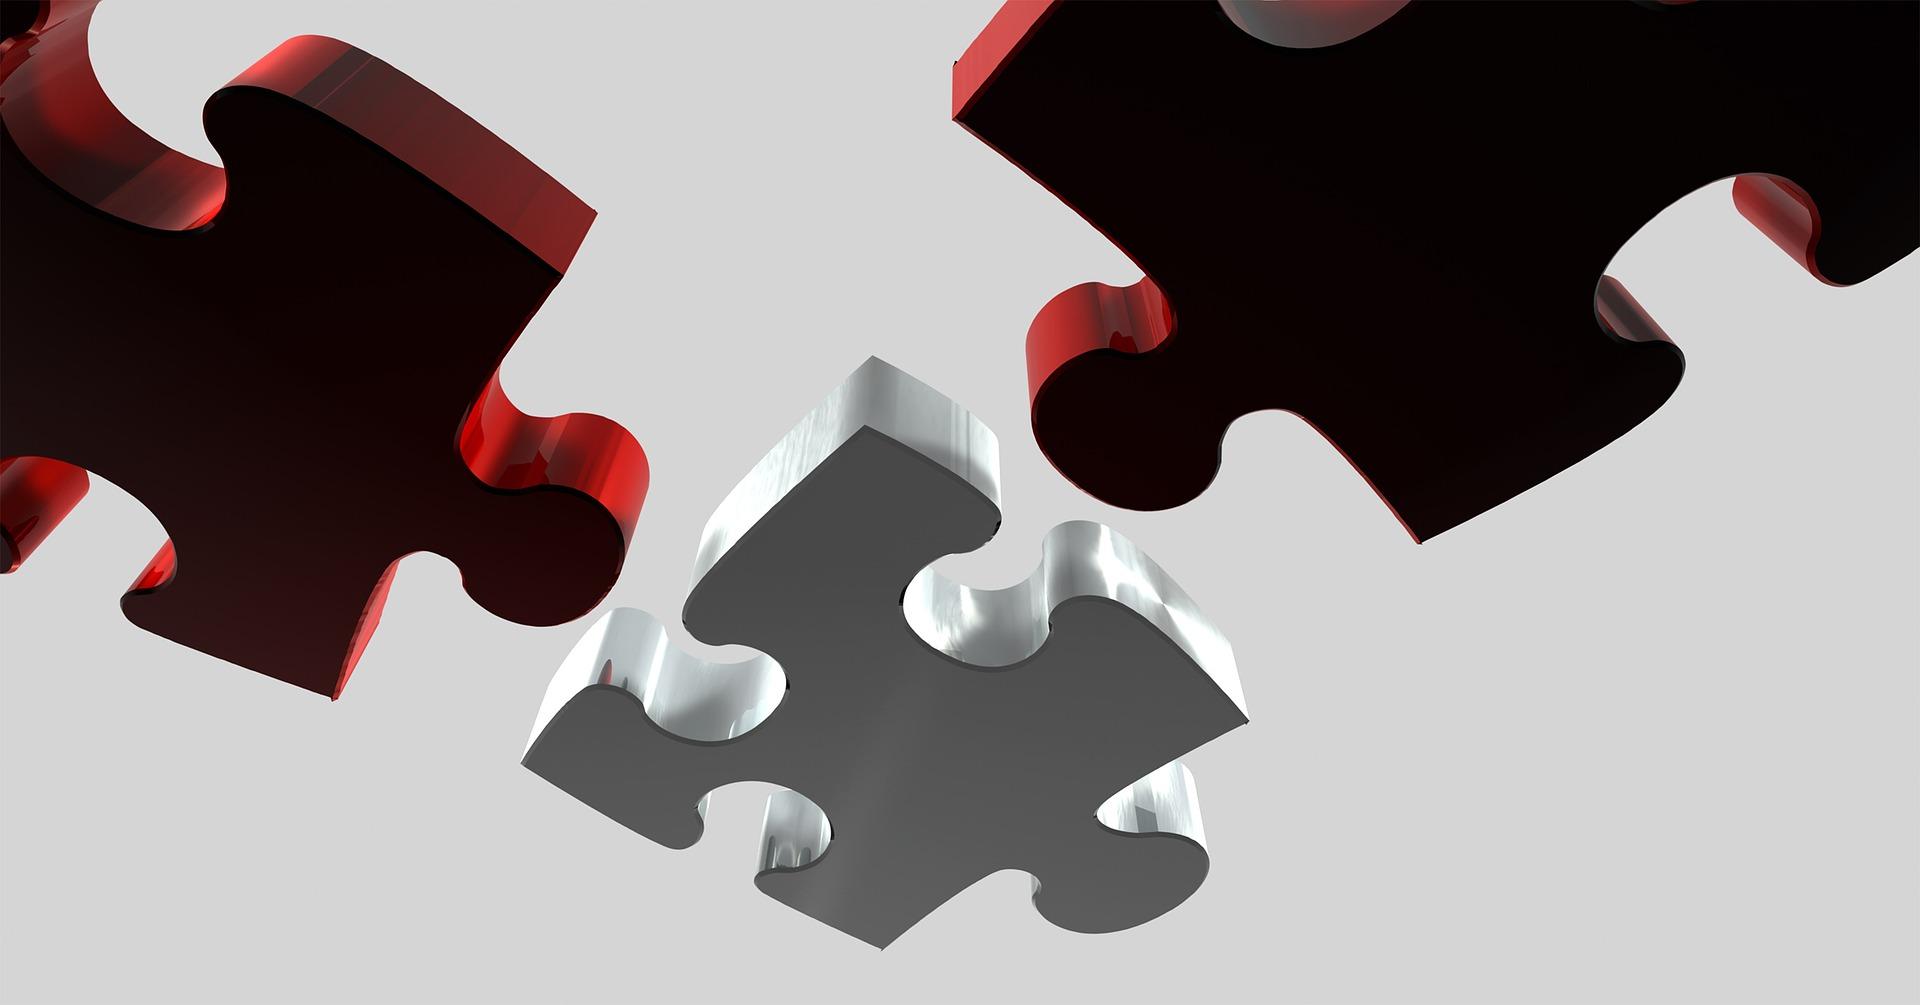 puzzle-1721271_1920.jpg